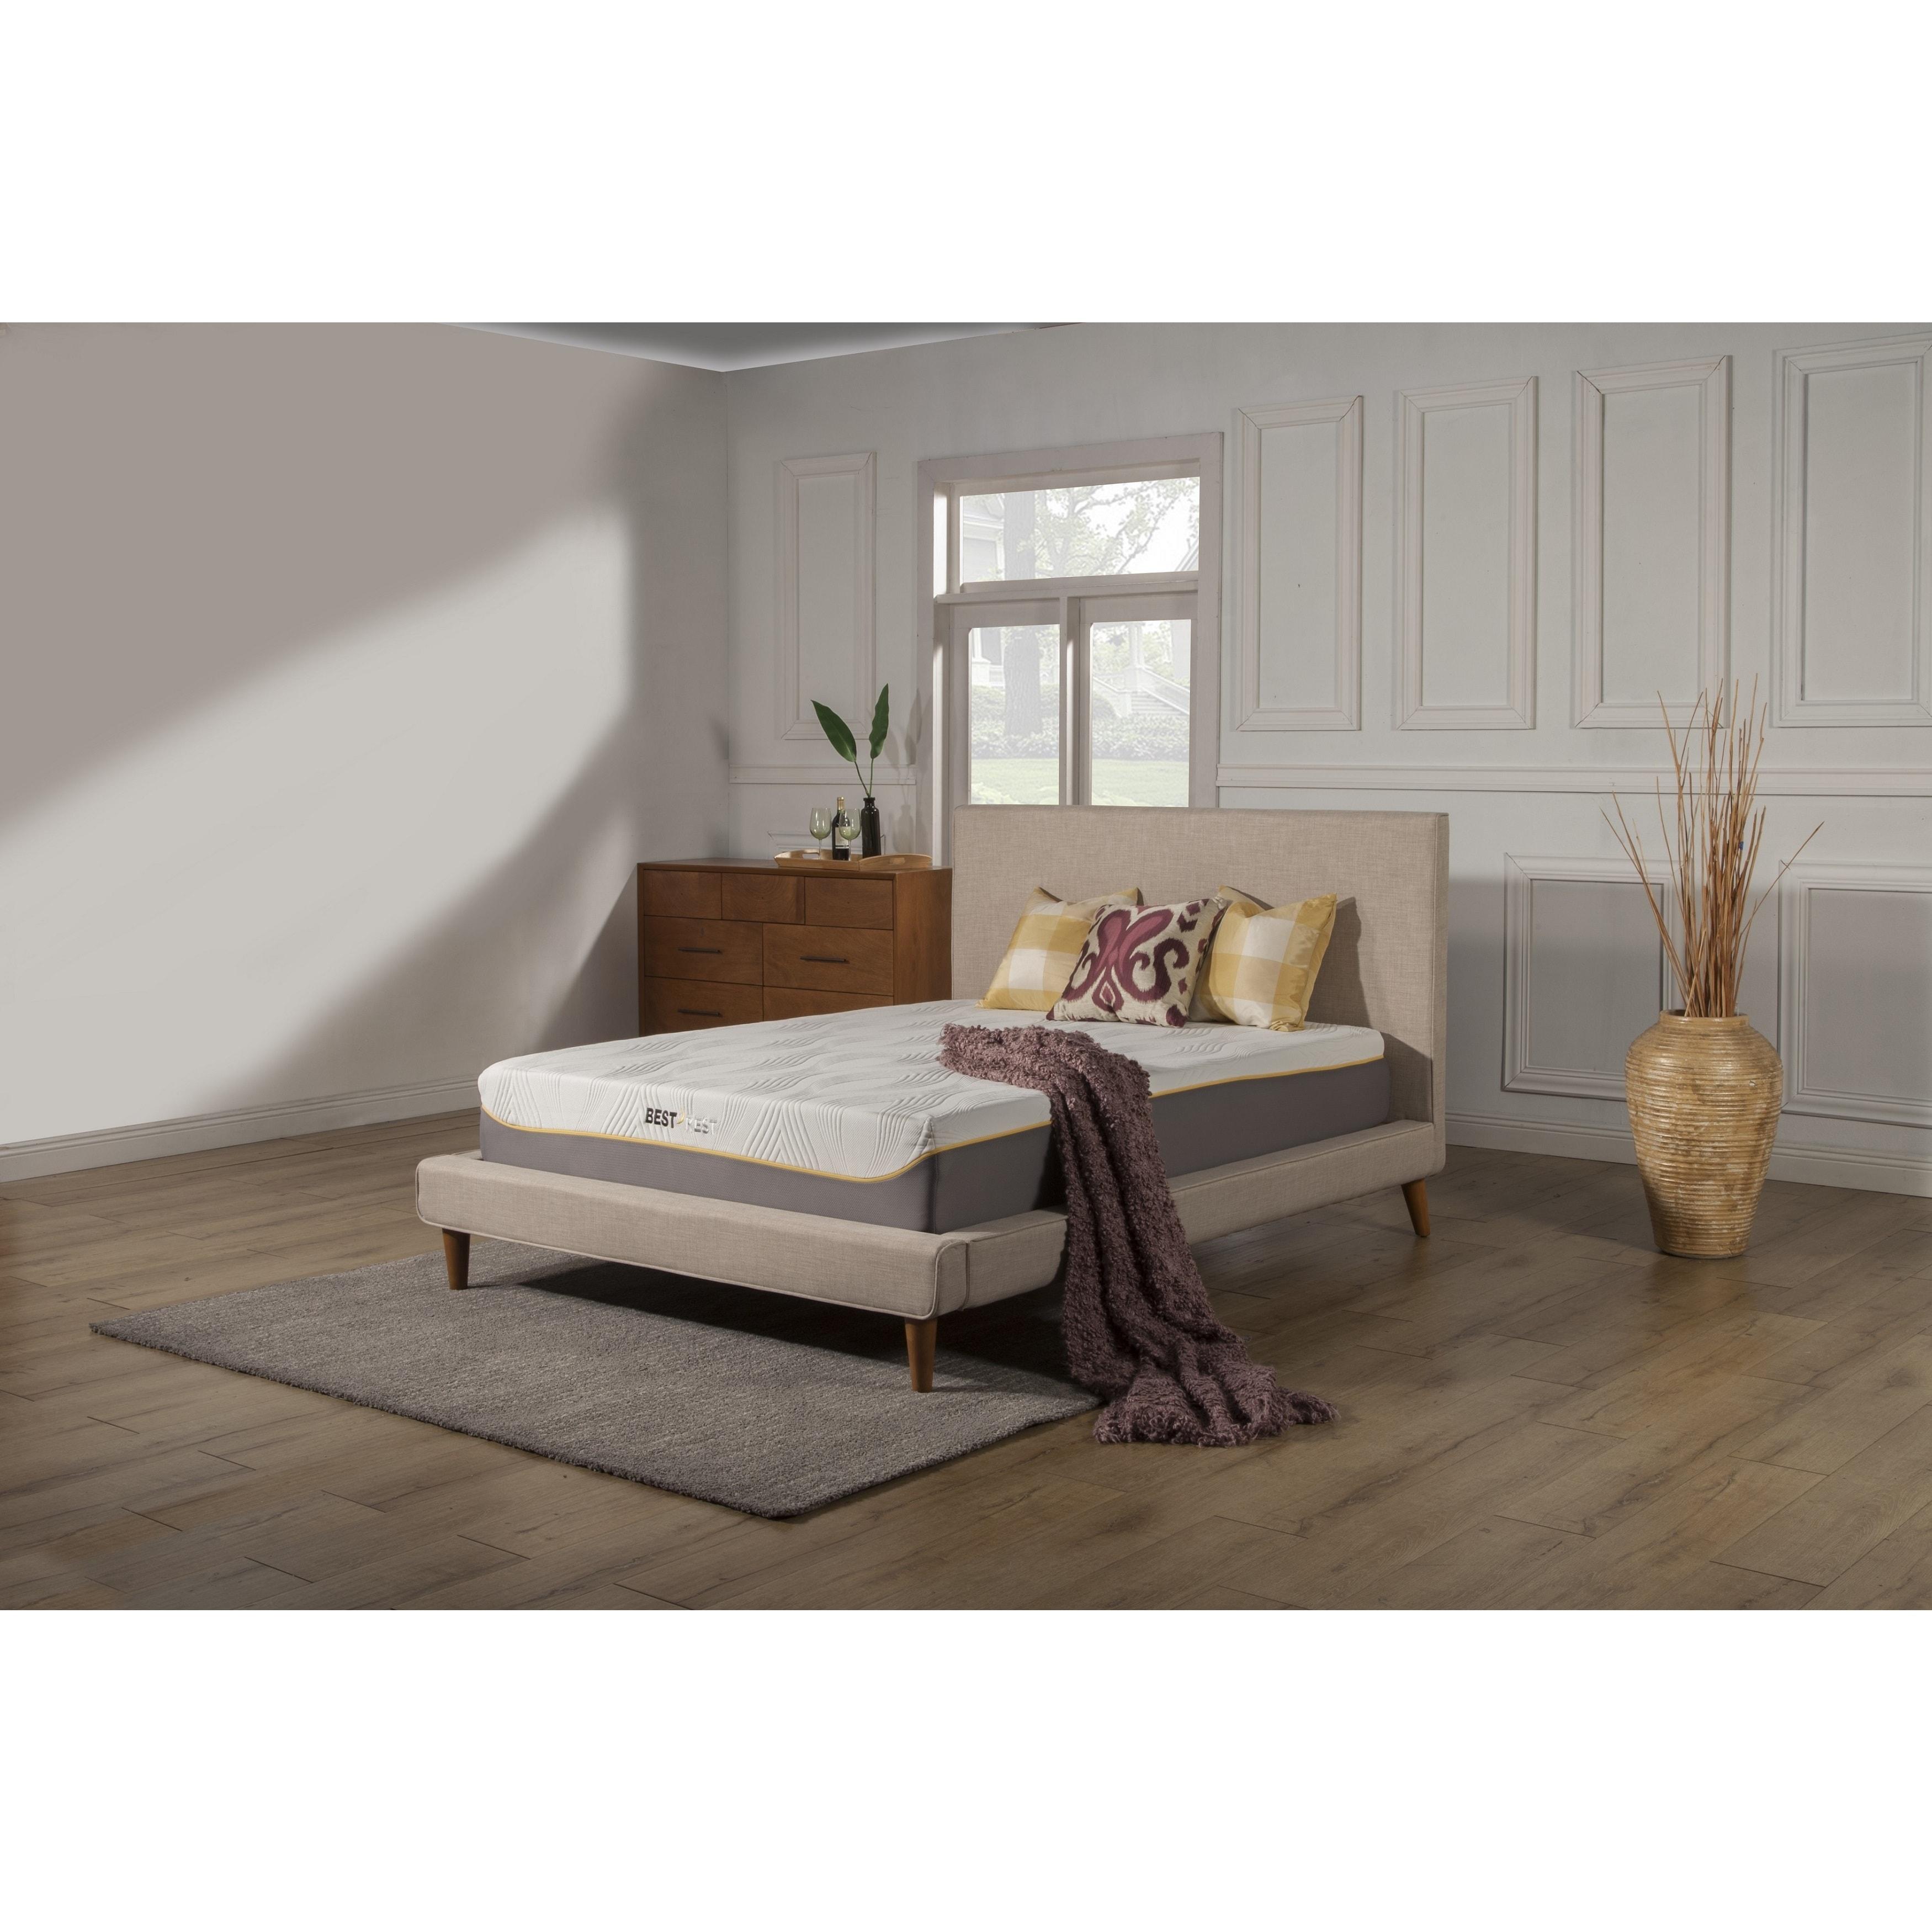 Kittrich Best Rest 11-inch Full-size Gel Memory Foam Mattress